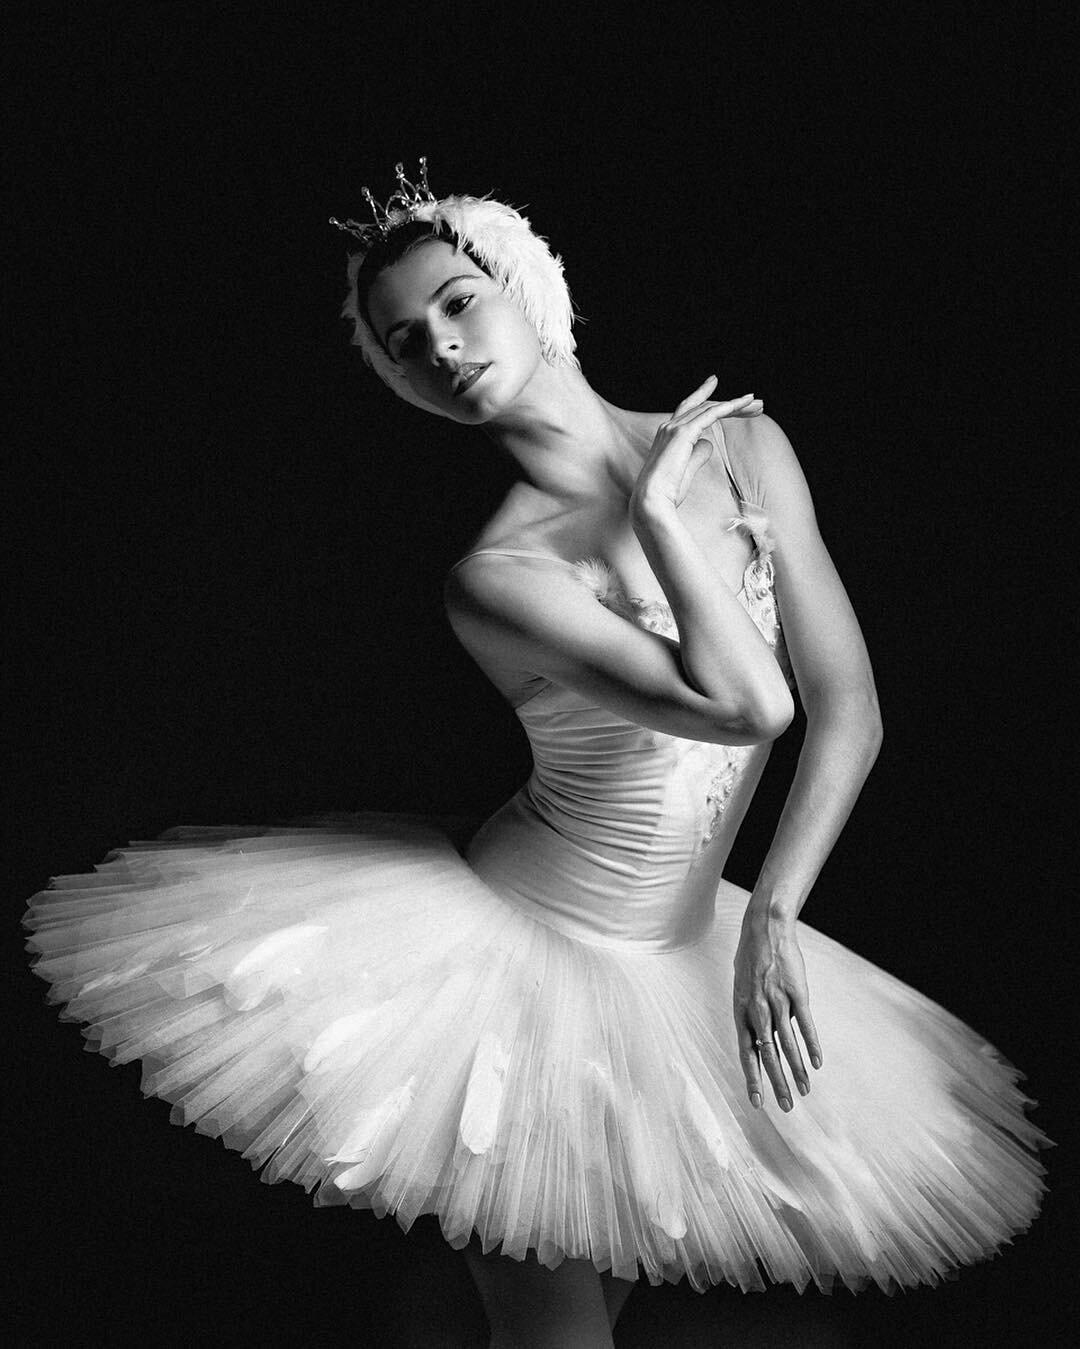 искусственный лучшие картинки балерин просканирует